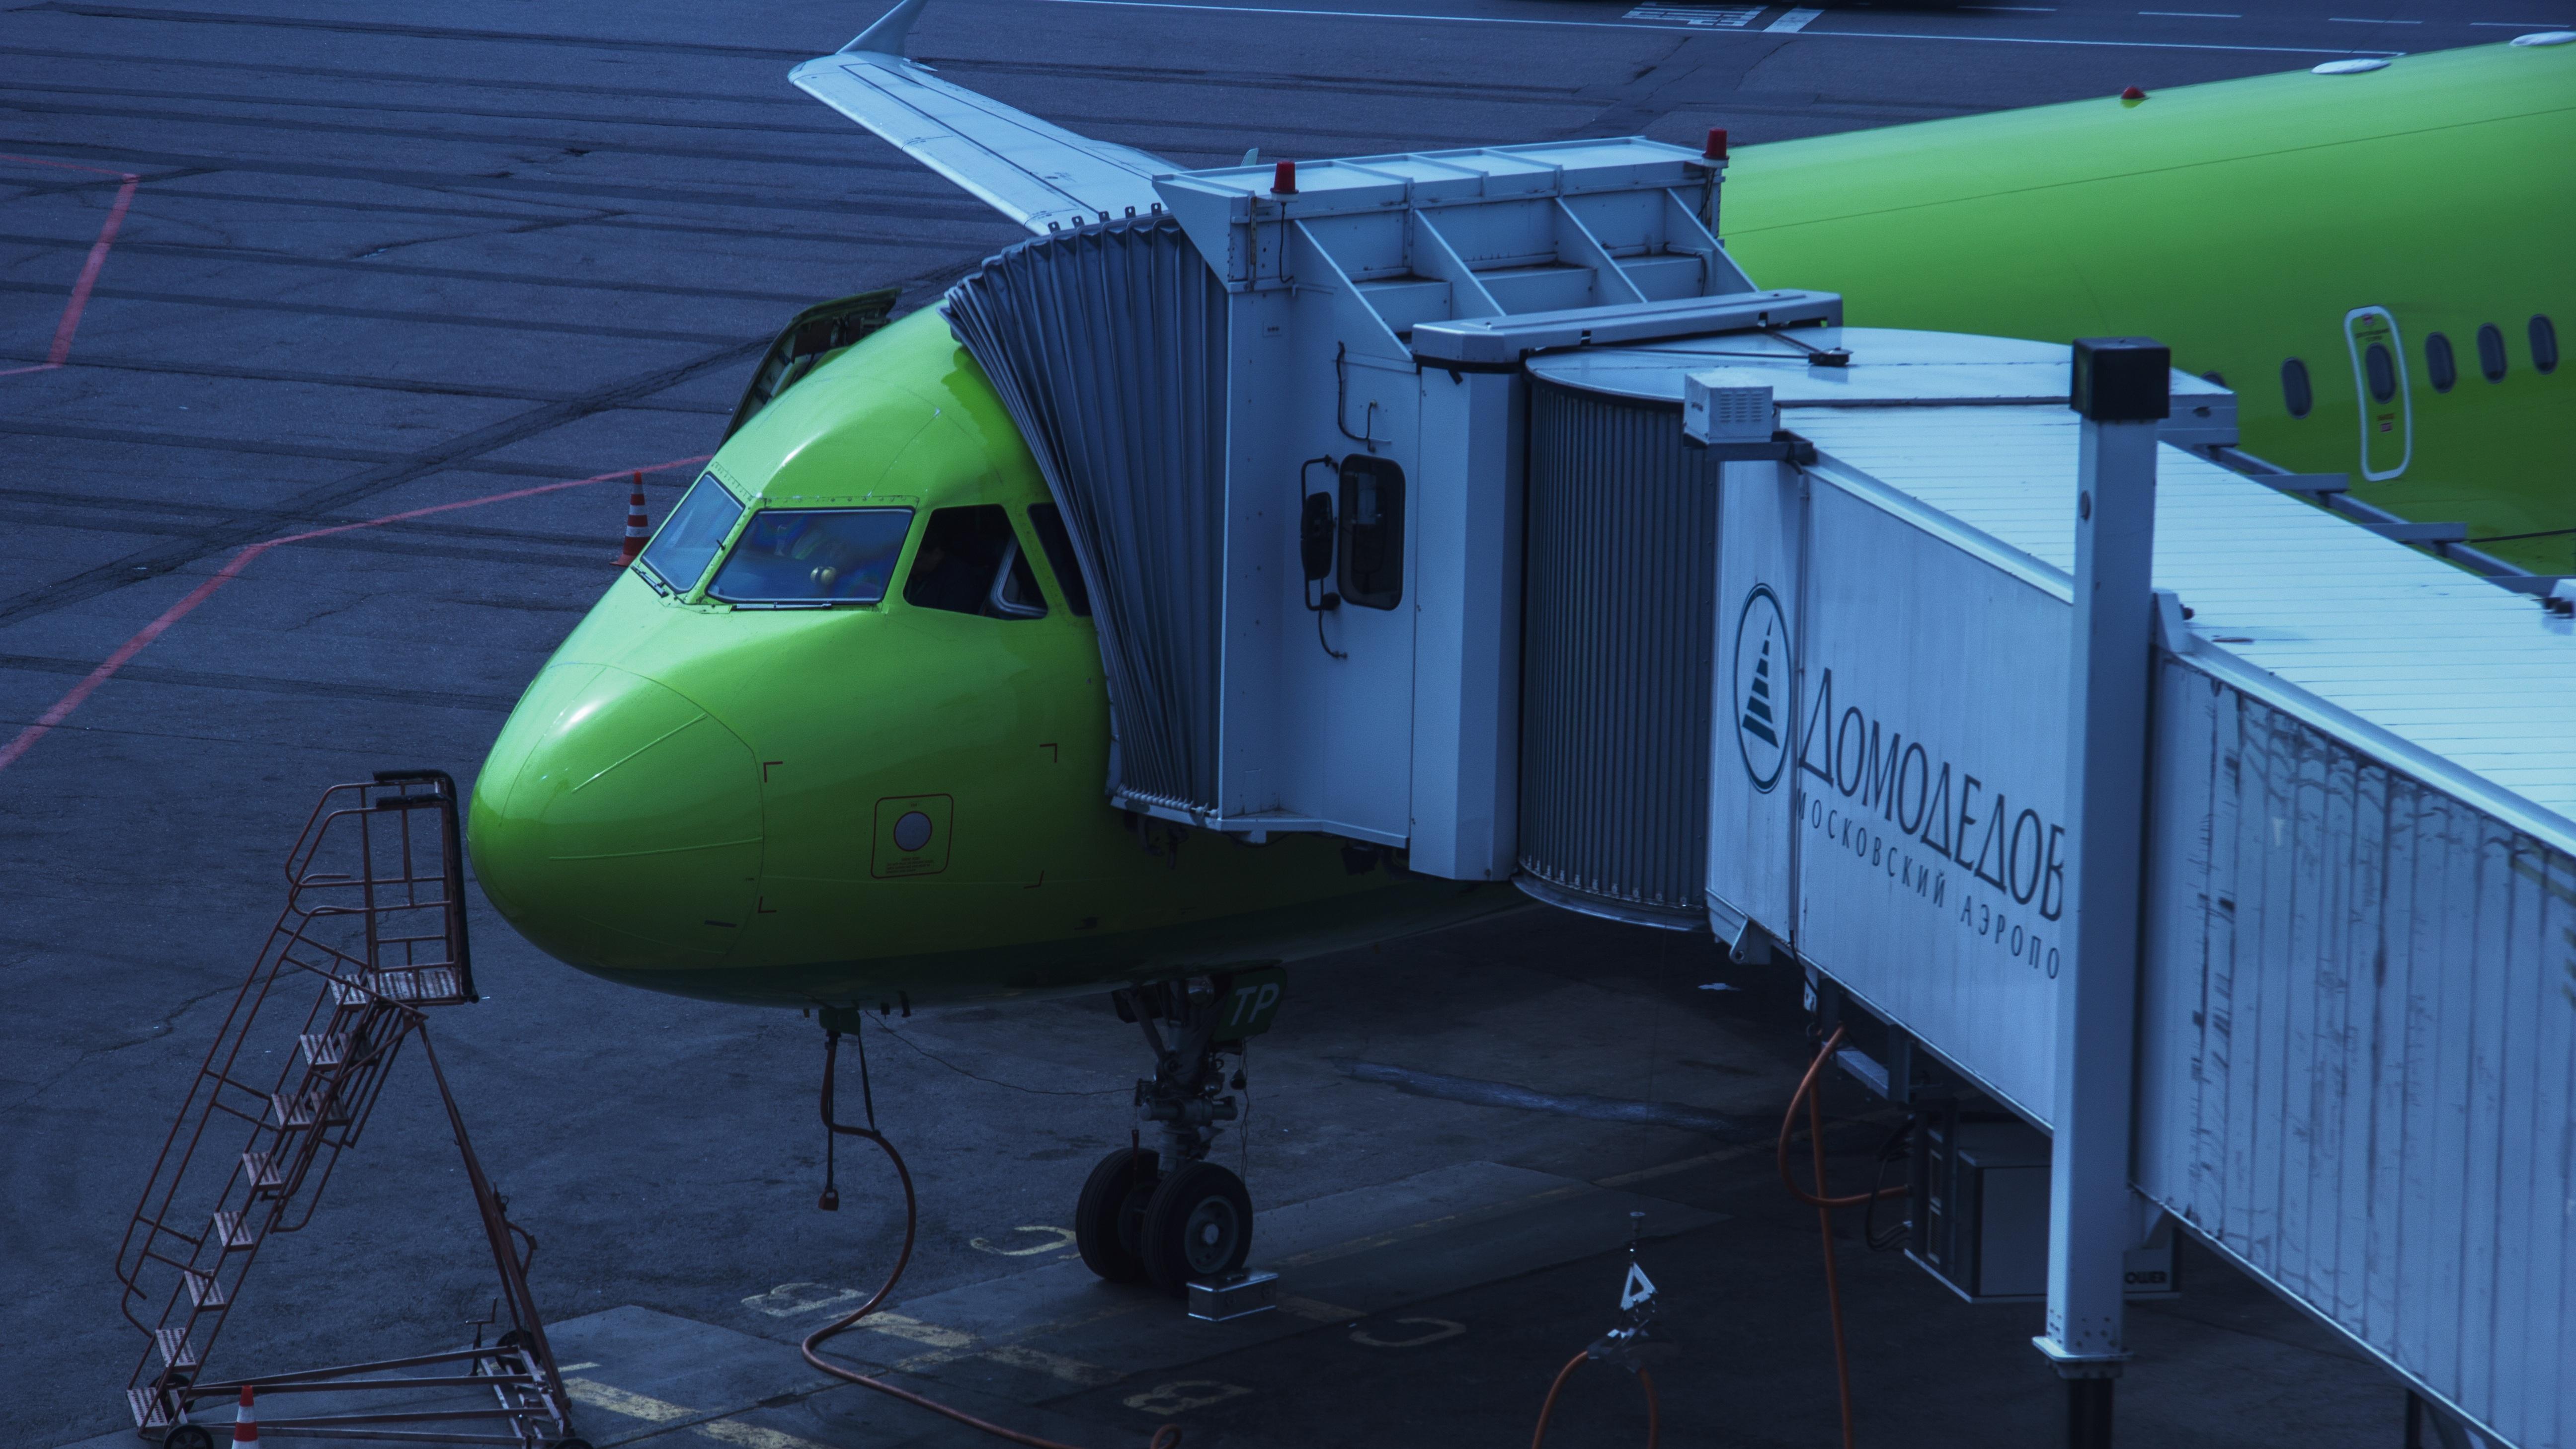 Fotos gratis : aeropuerto, verano, avión, aeronave, vehículo ...